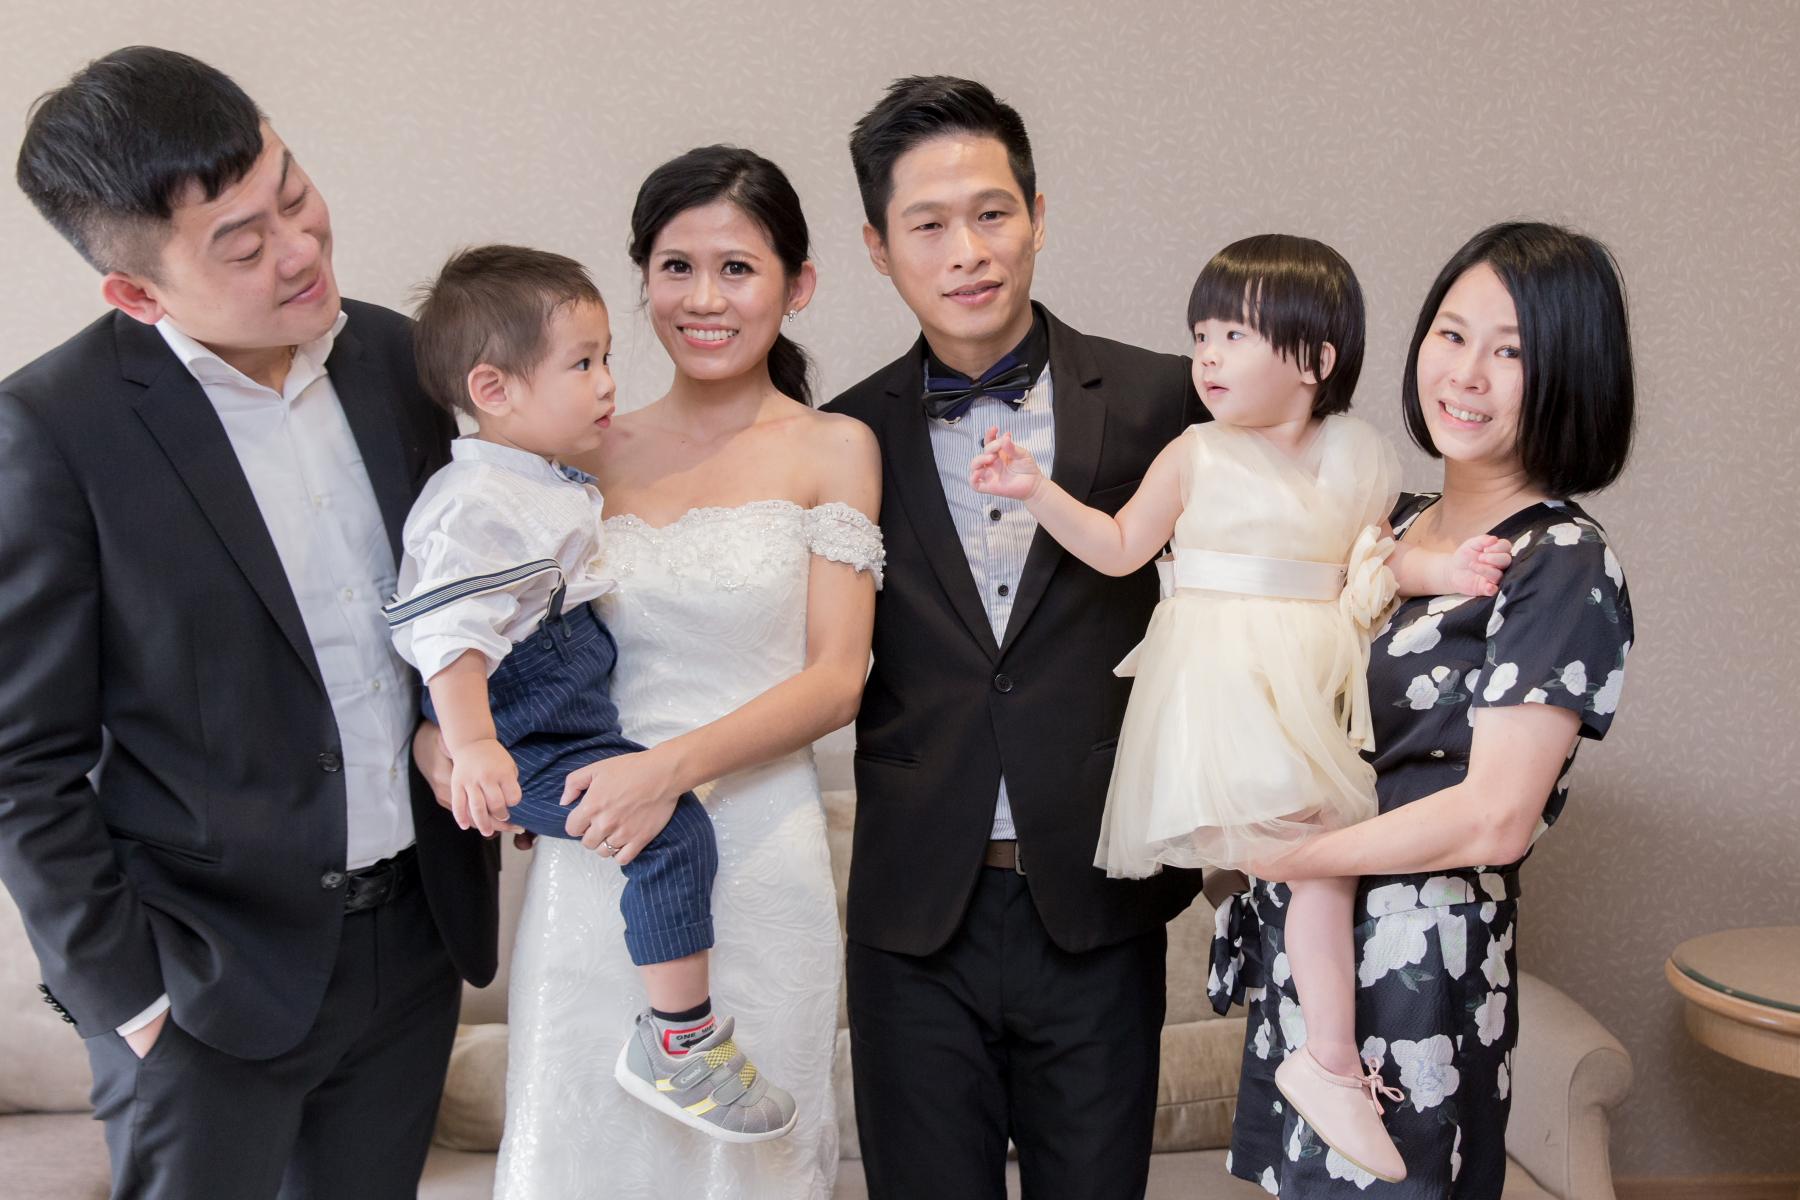 新莊頤品 婚攝 婚禮紀錄174